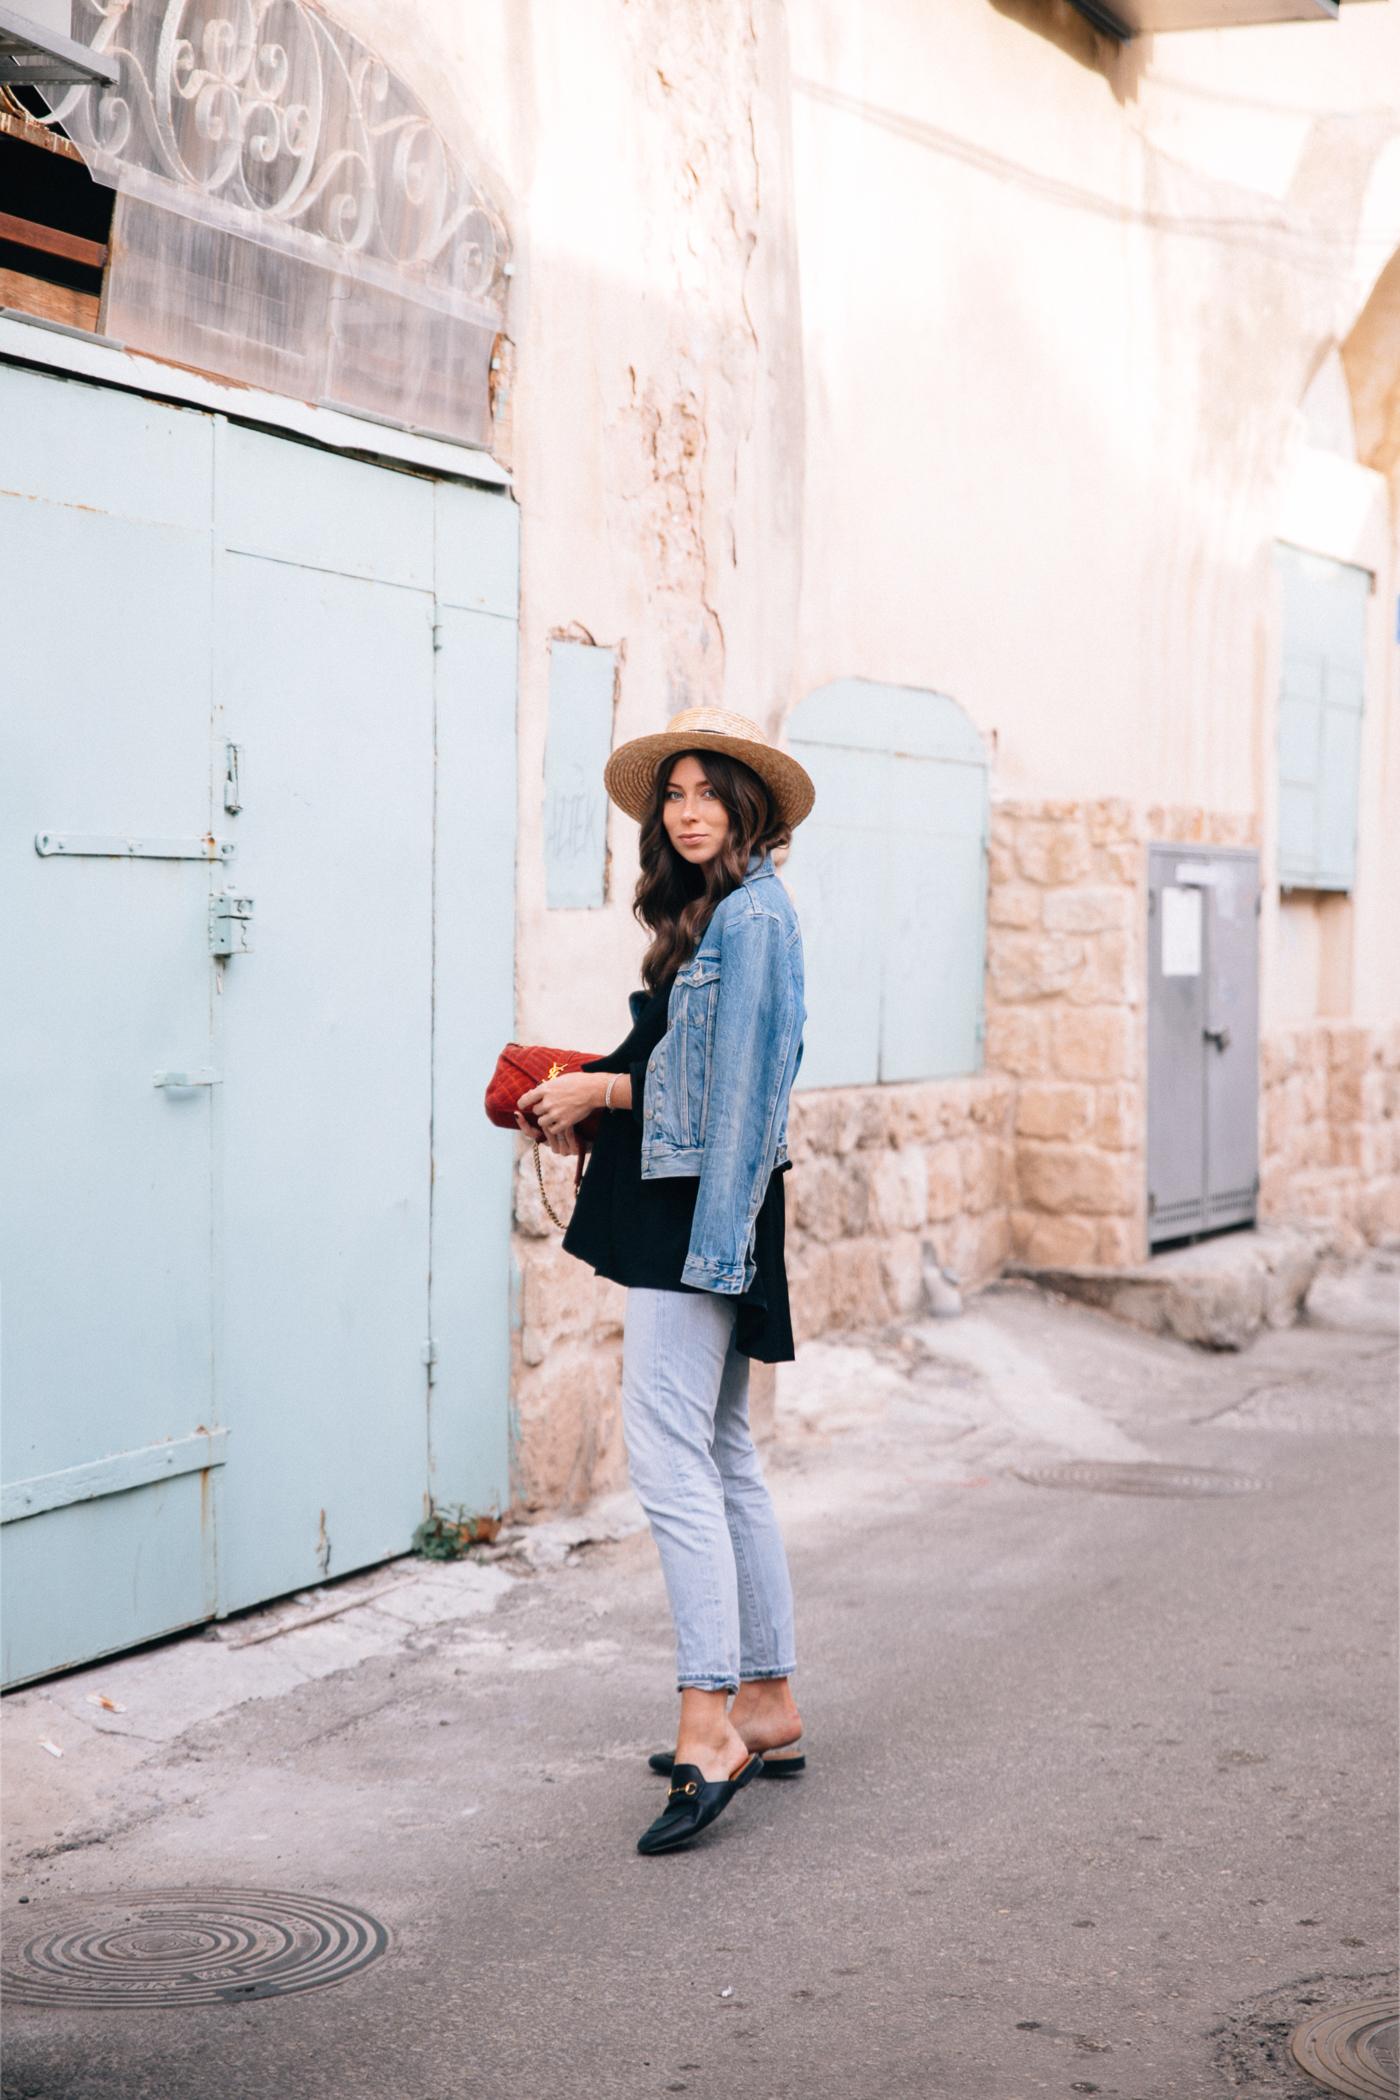 shalom Tel Aviv.